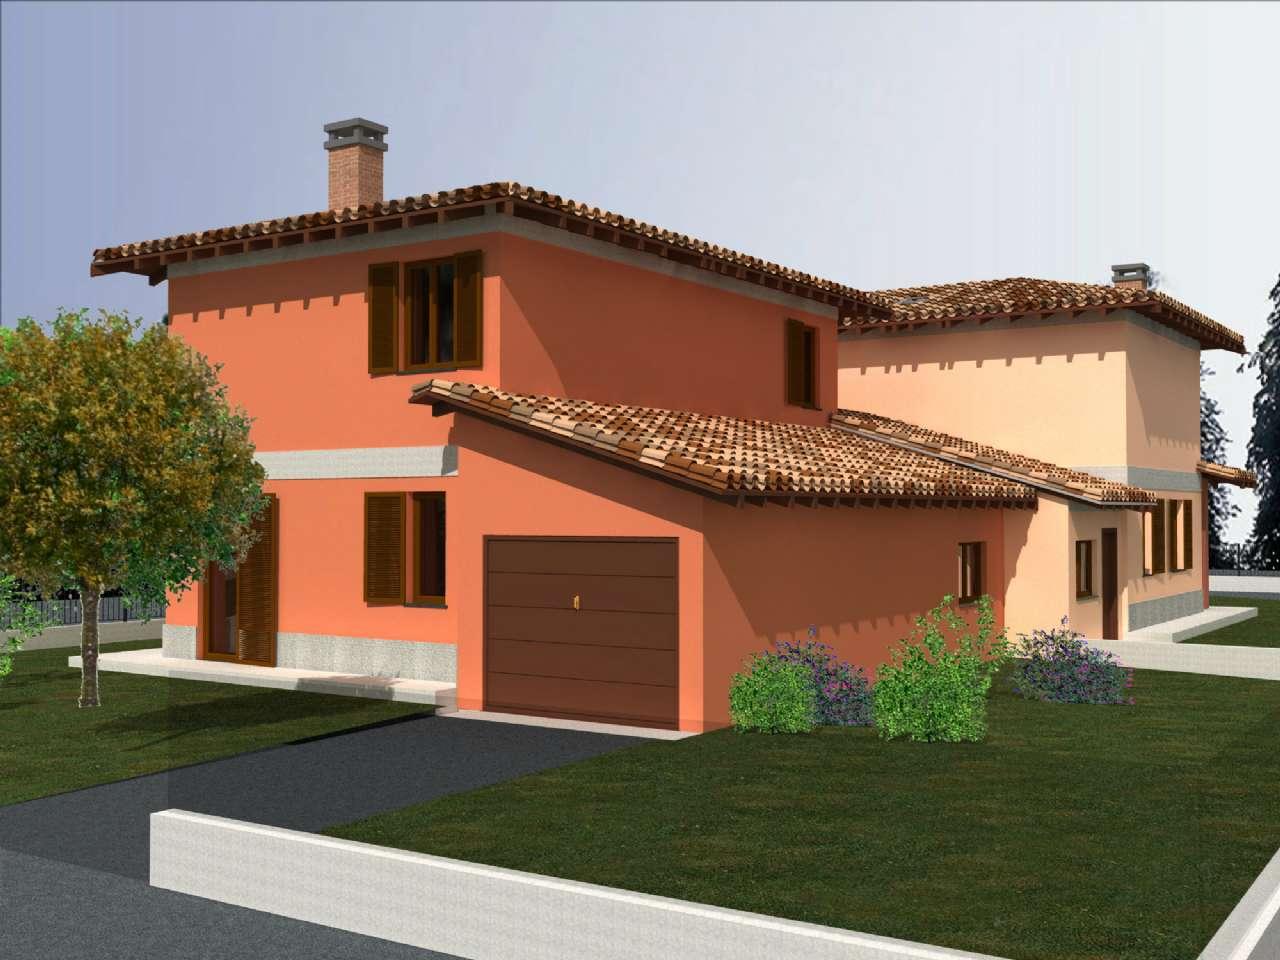 Villa Bifamiliare in vendita a Ripalta Guerina, 4 locali, prezzo € 245.000   CambioCasa.it